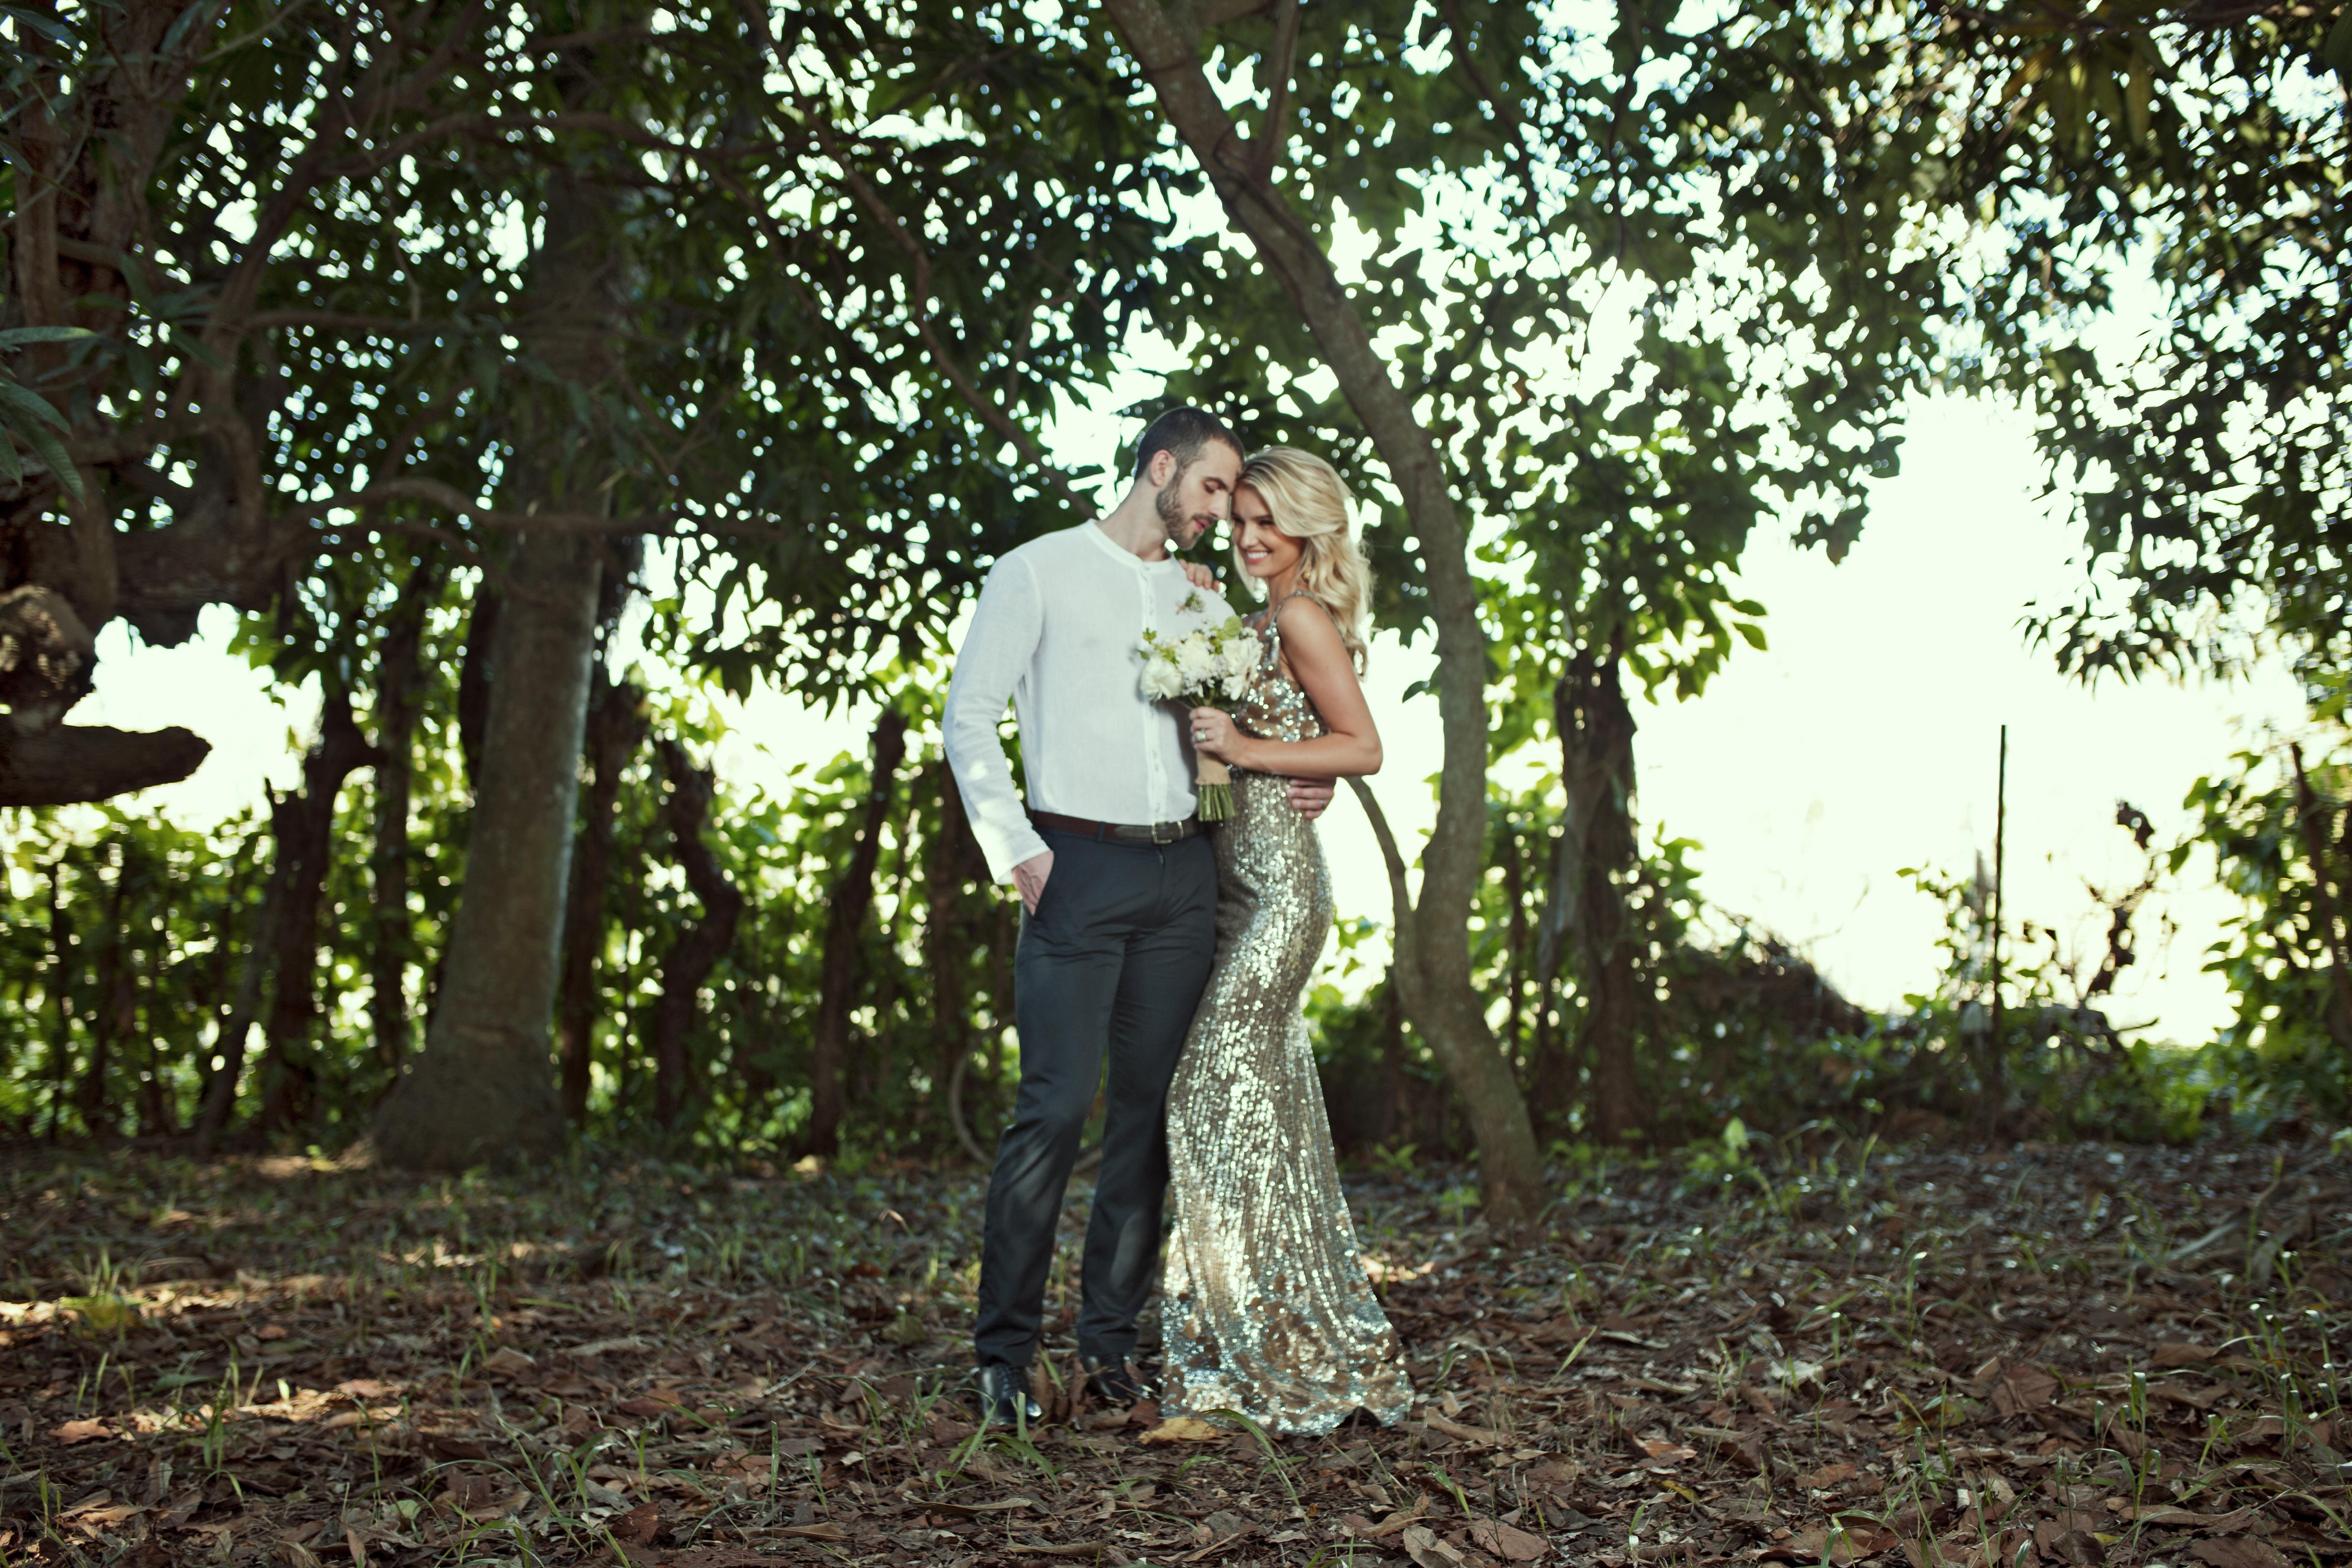 2018 wedding trend glitter